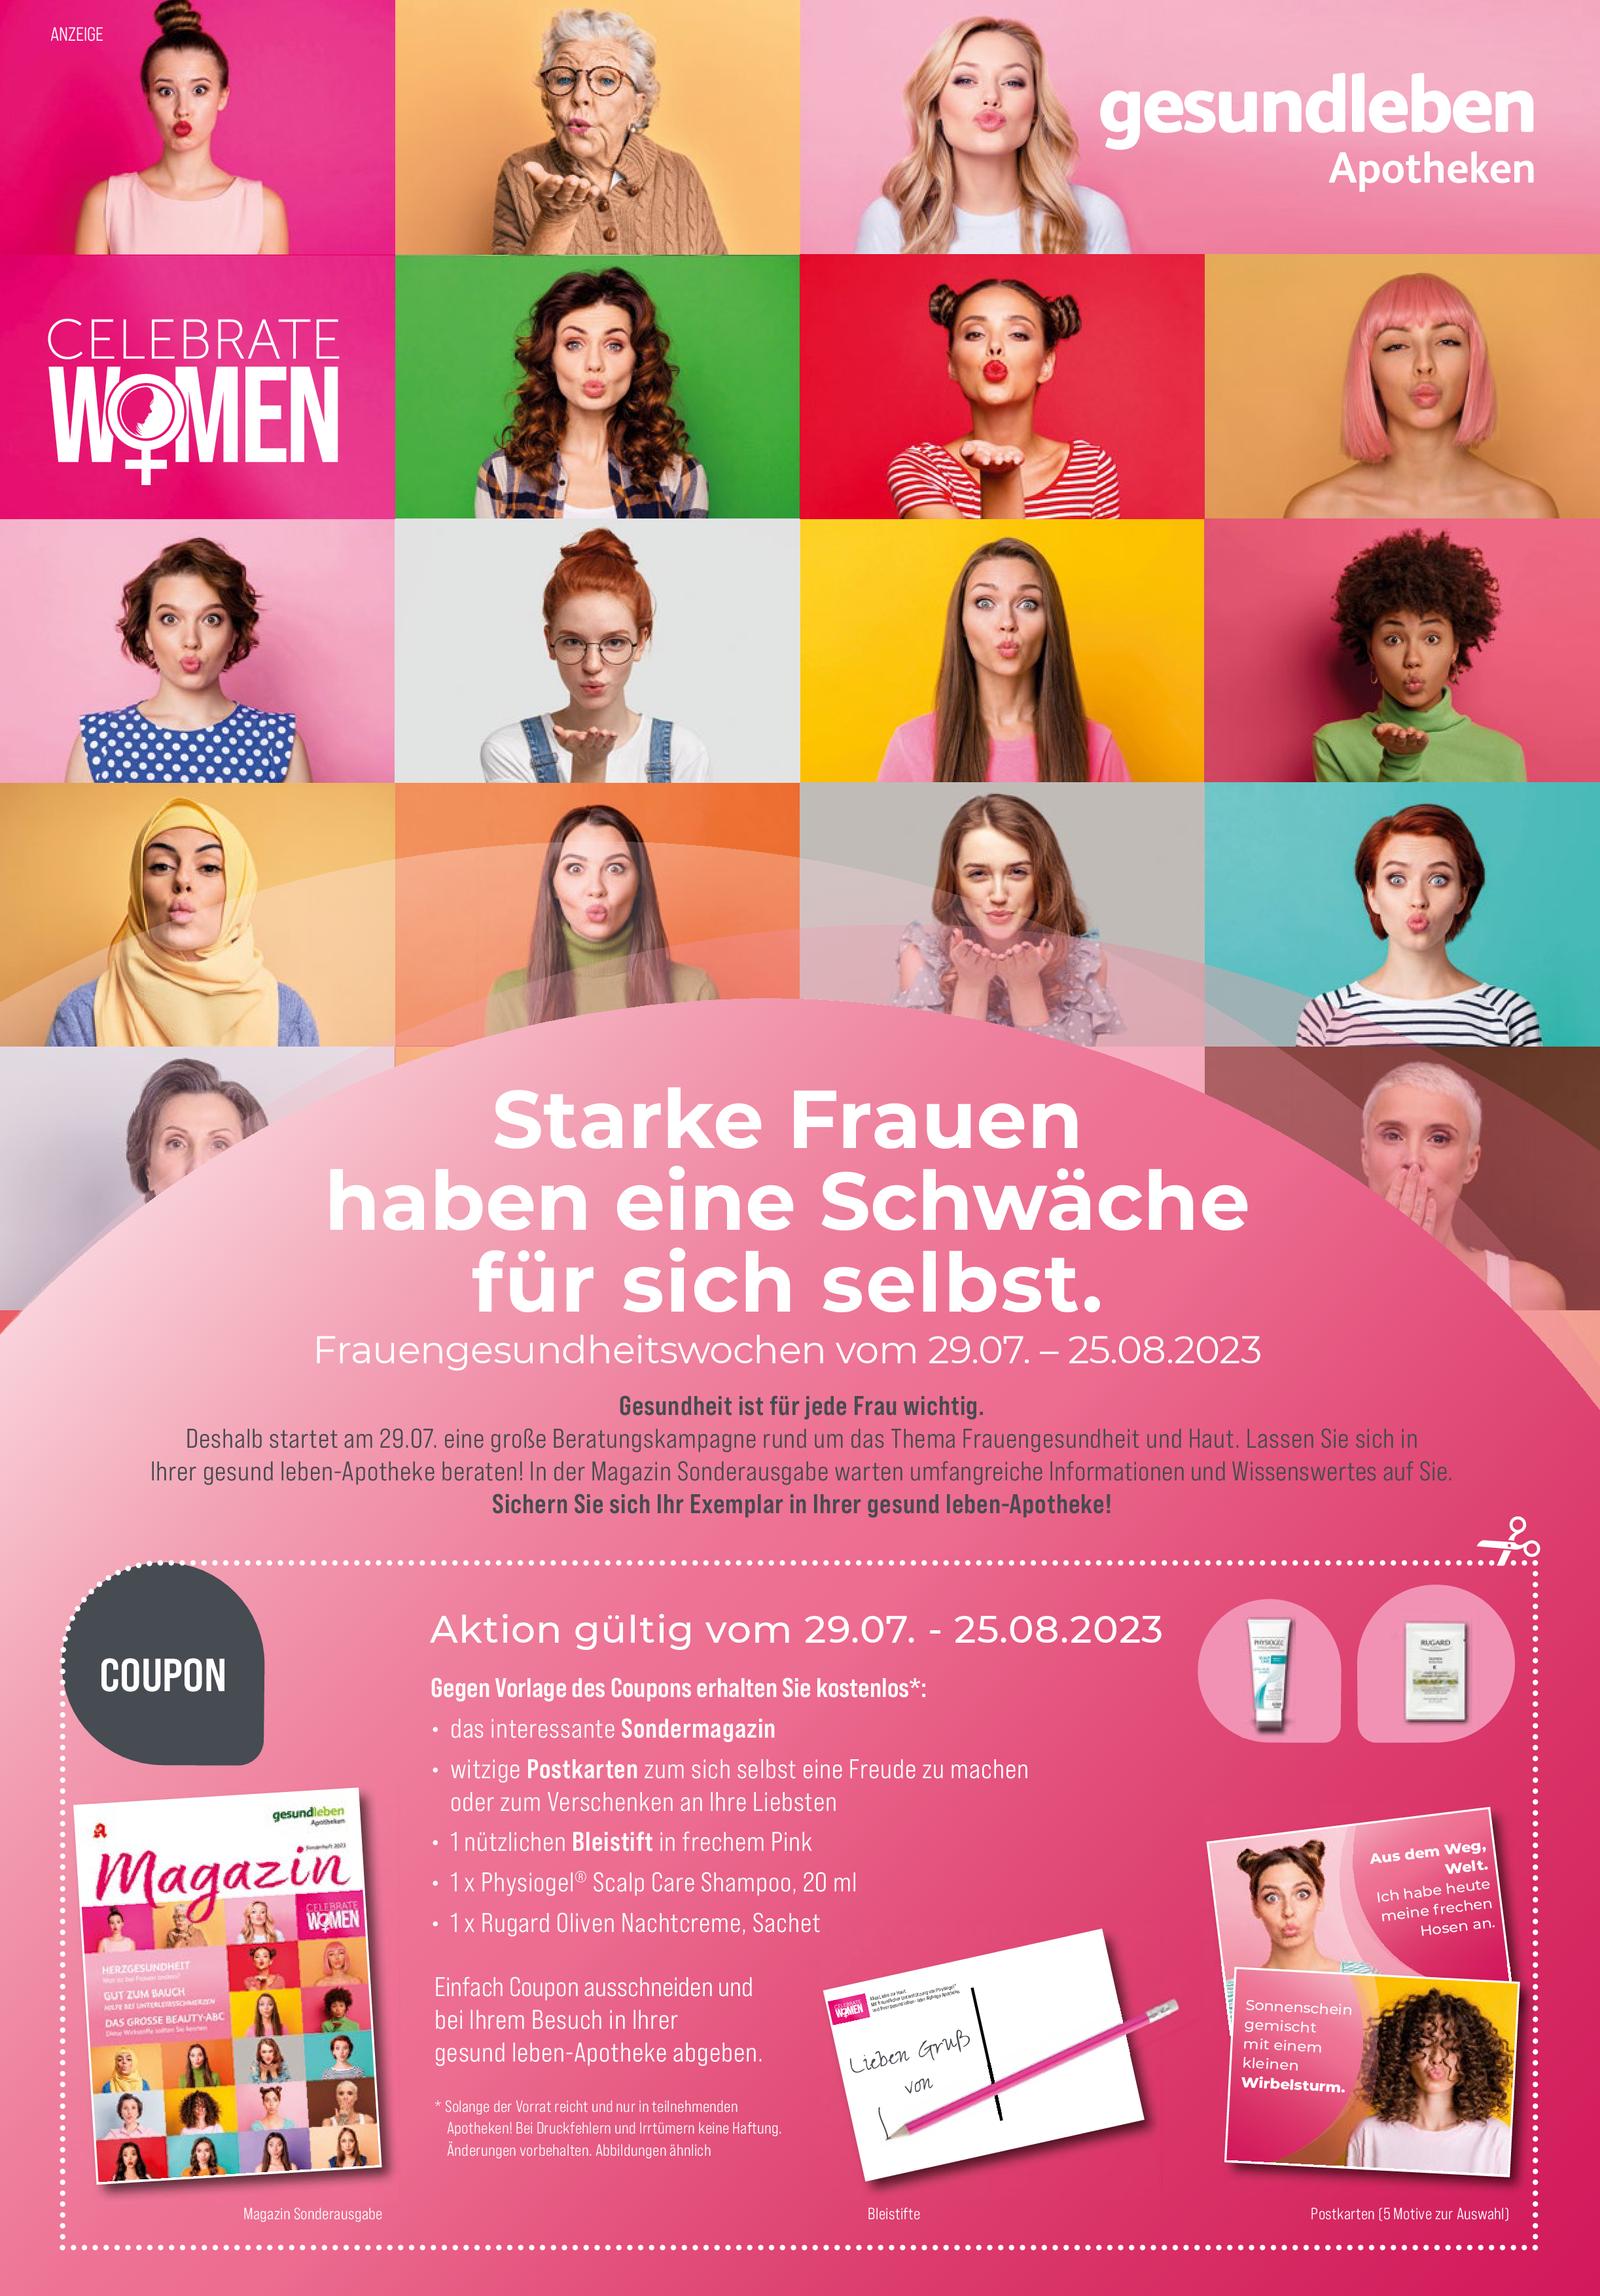 https://mein-uploads.apocdn.net/17514/leaflets/gesundleben_mittel-Seite5.png